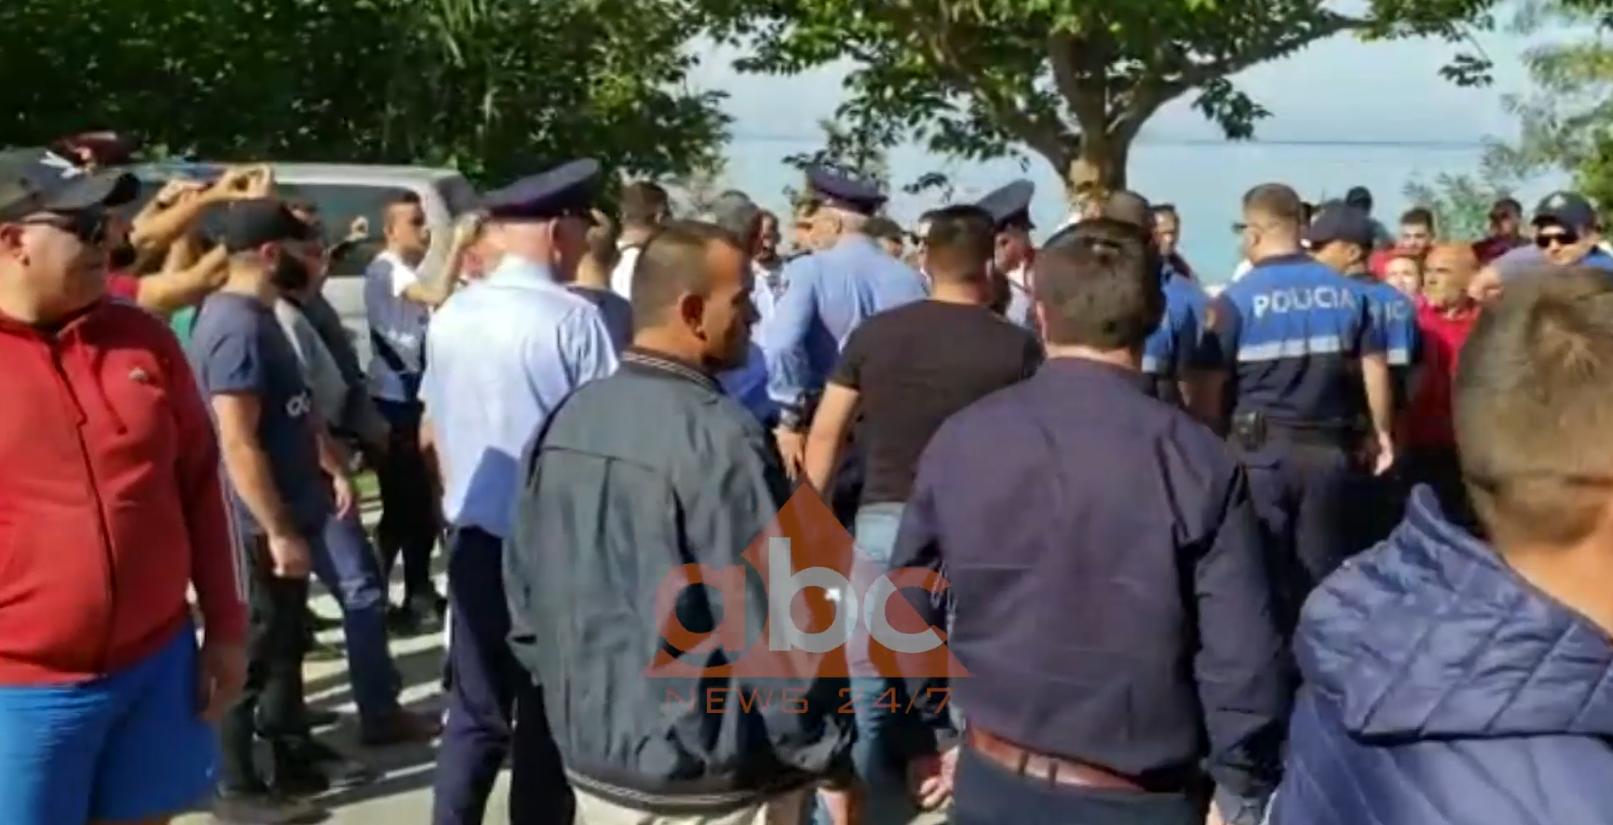 Përplasja në Radhimë, banorët thonë se pronat e tyre po grabiten nga oligarkët